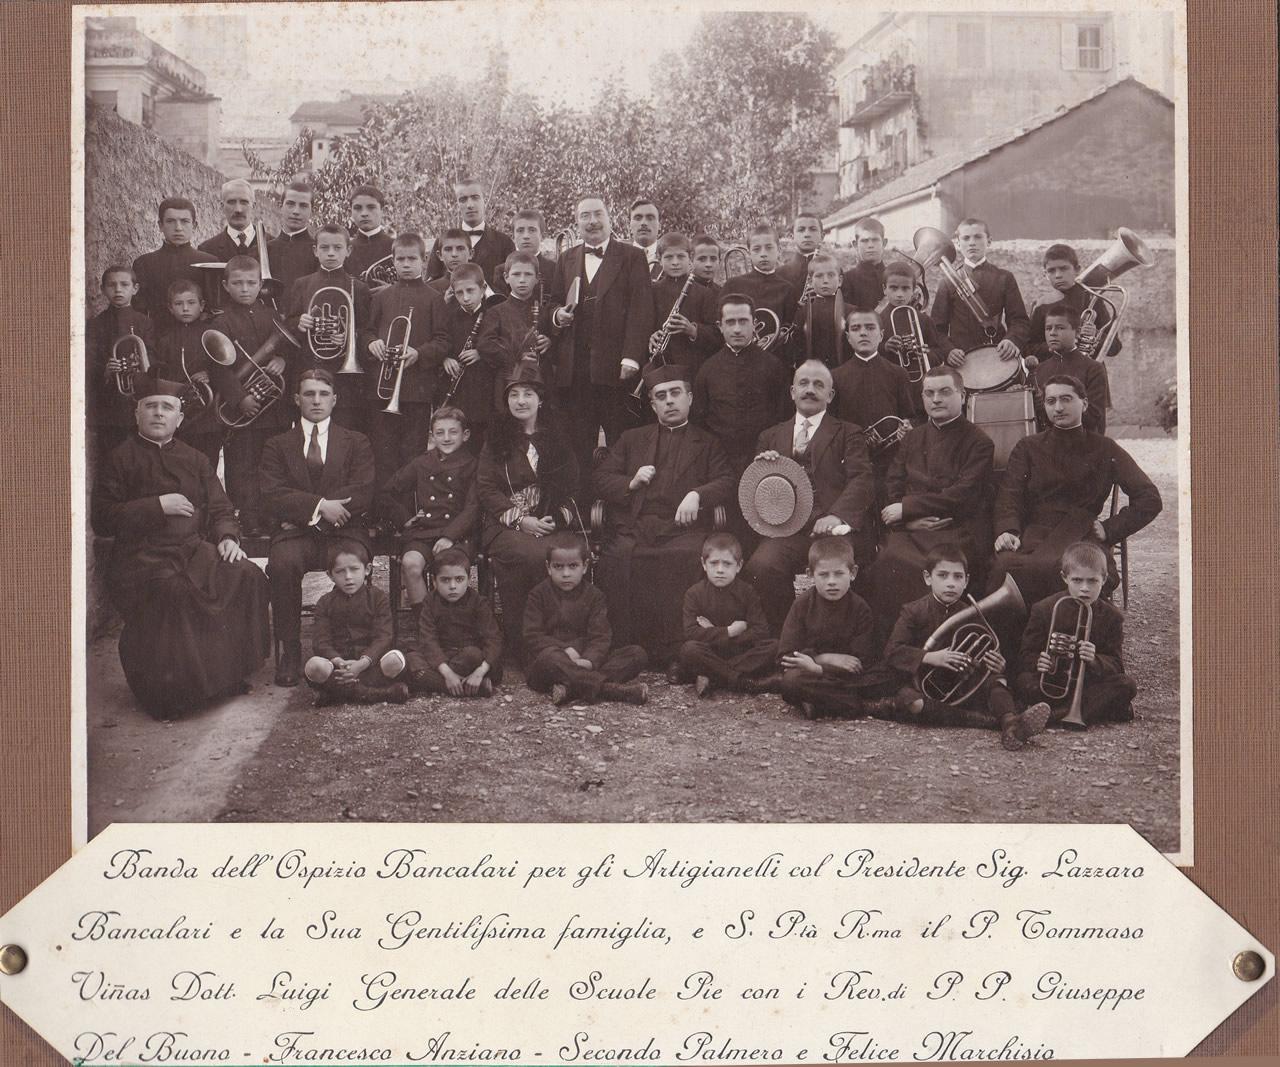 Istituto Bancalari Artigianelli Chiavari foto del 1915